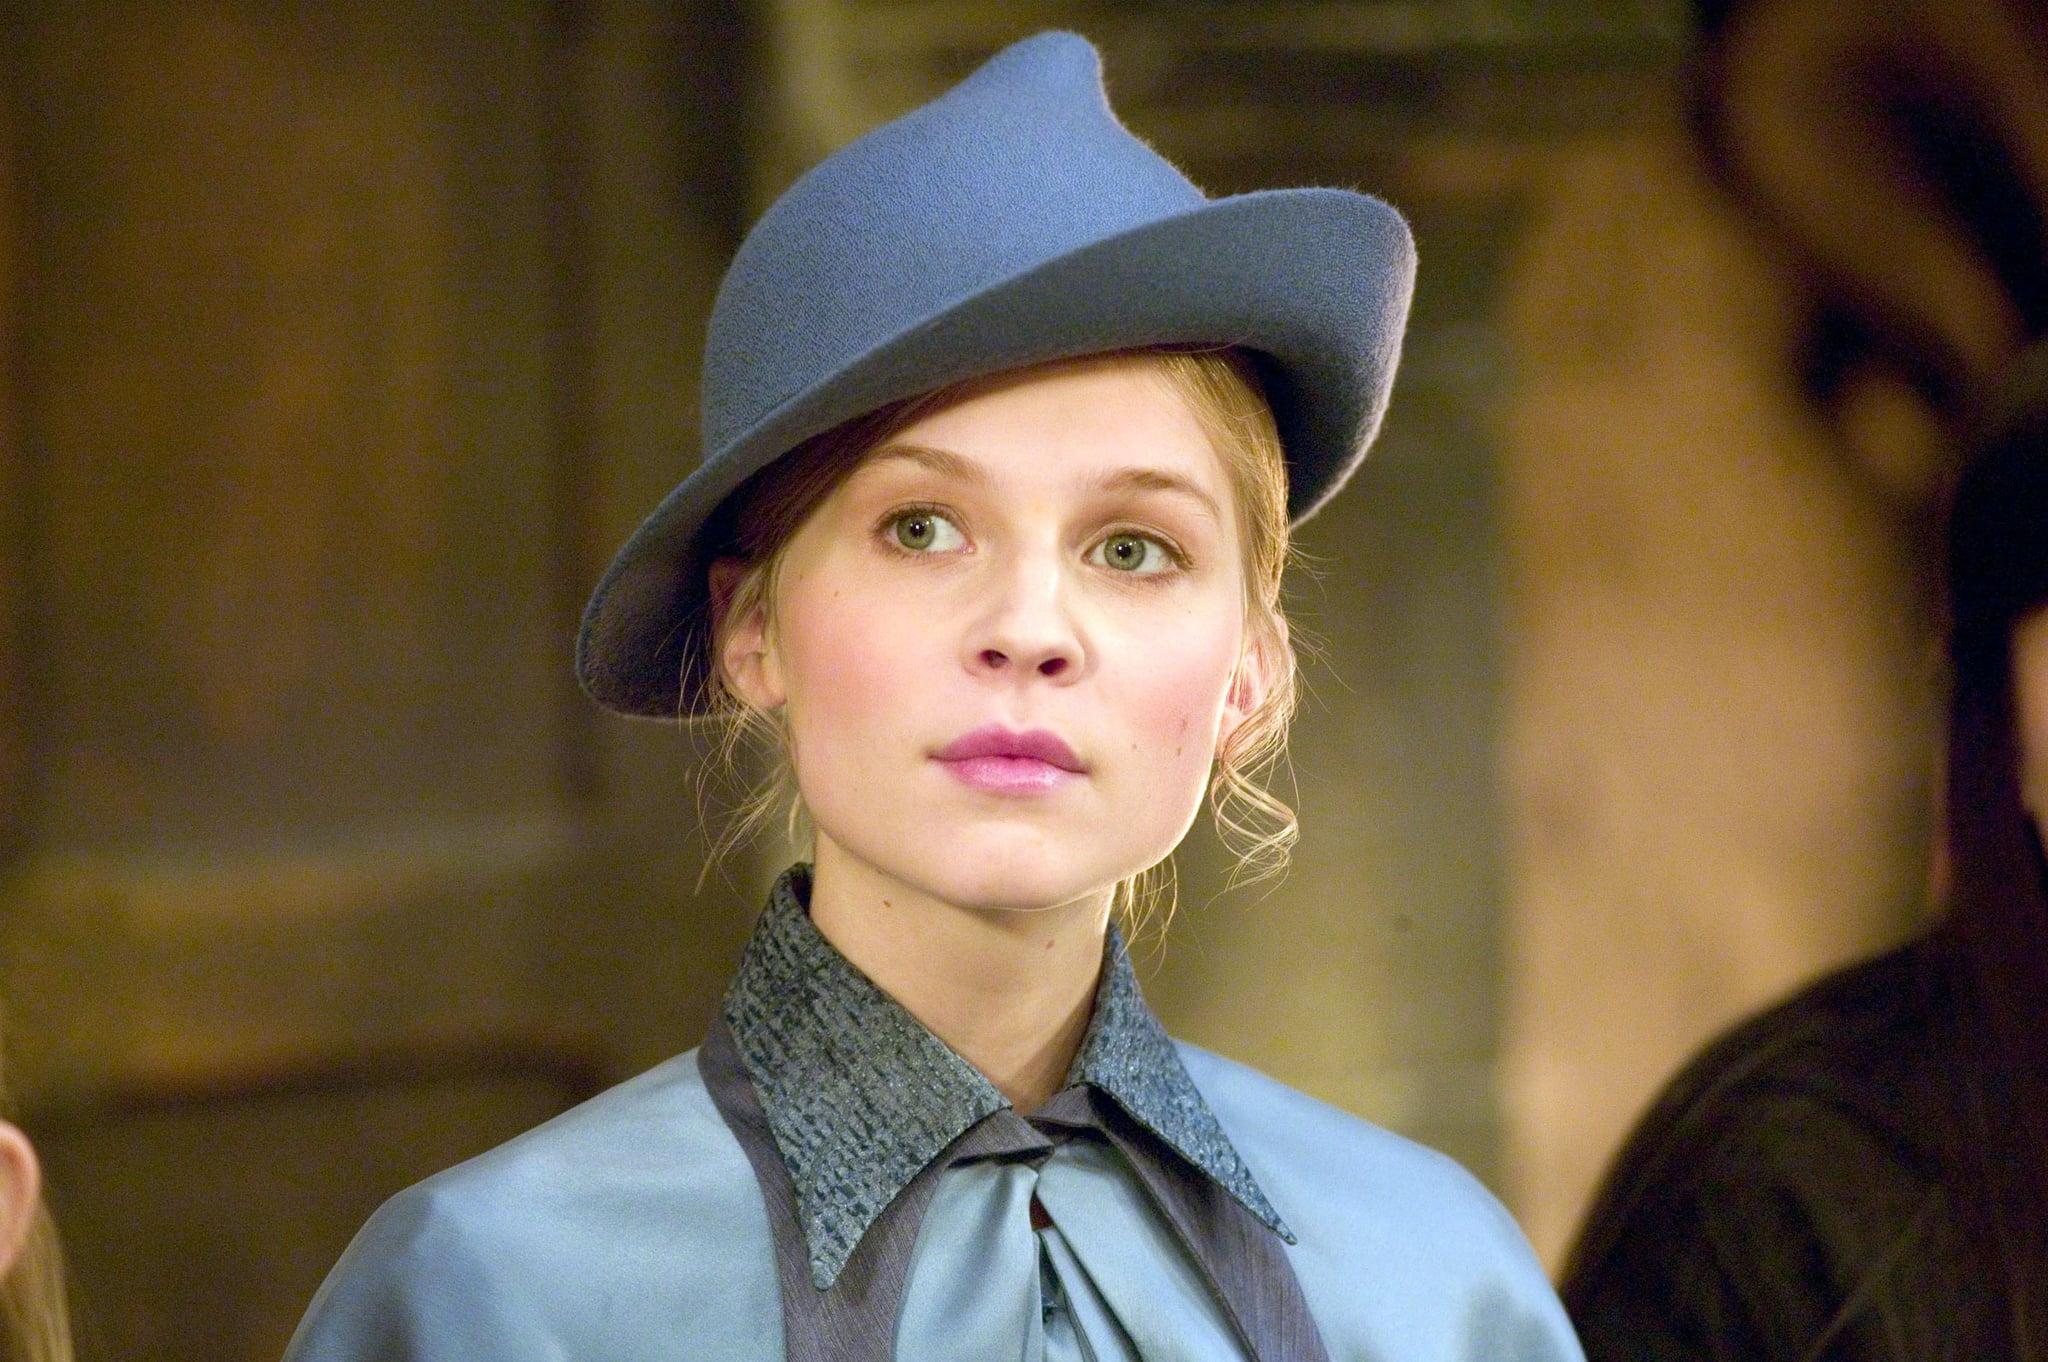 Clémence Poésy as Barbara